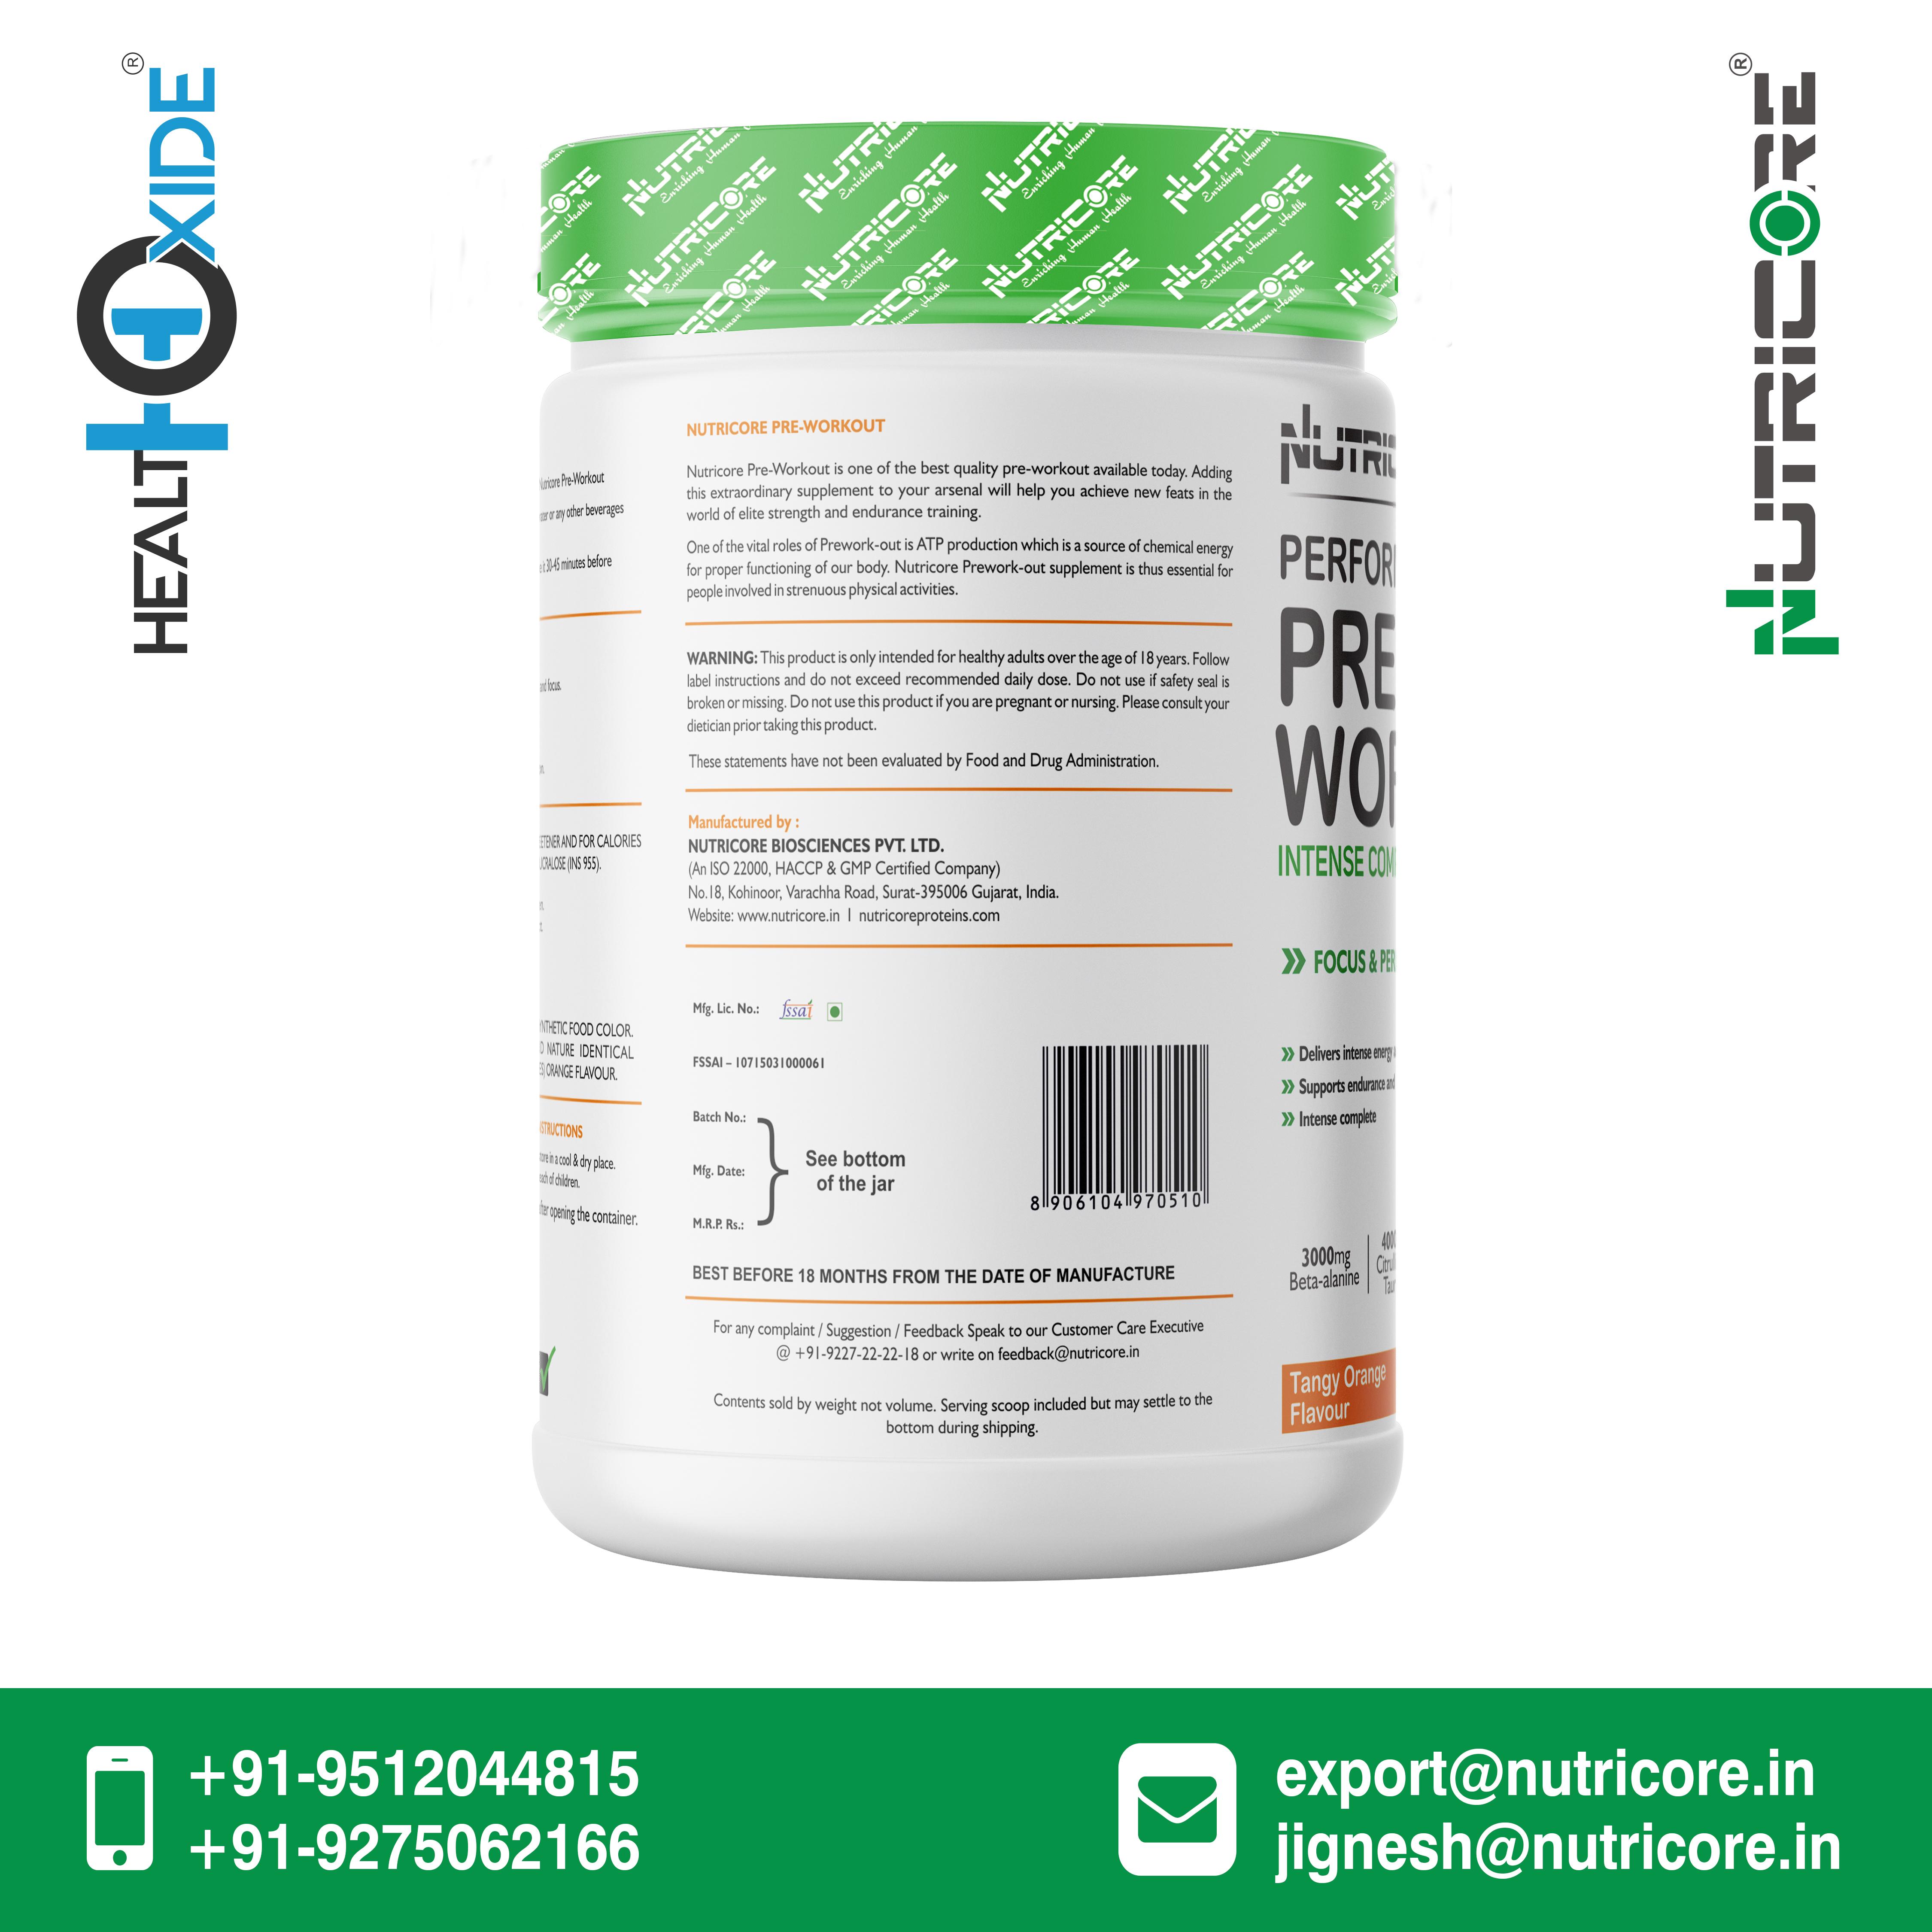 240 Gm Tangy Orange Flavour Pre-Workout Powder